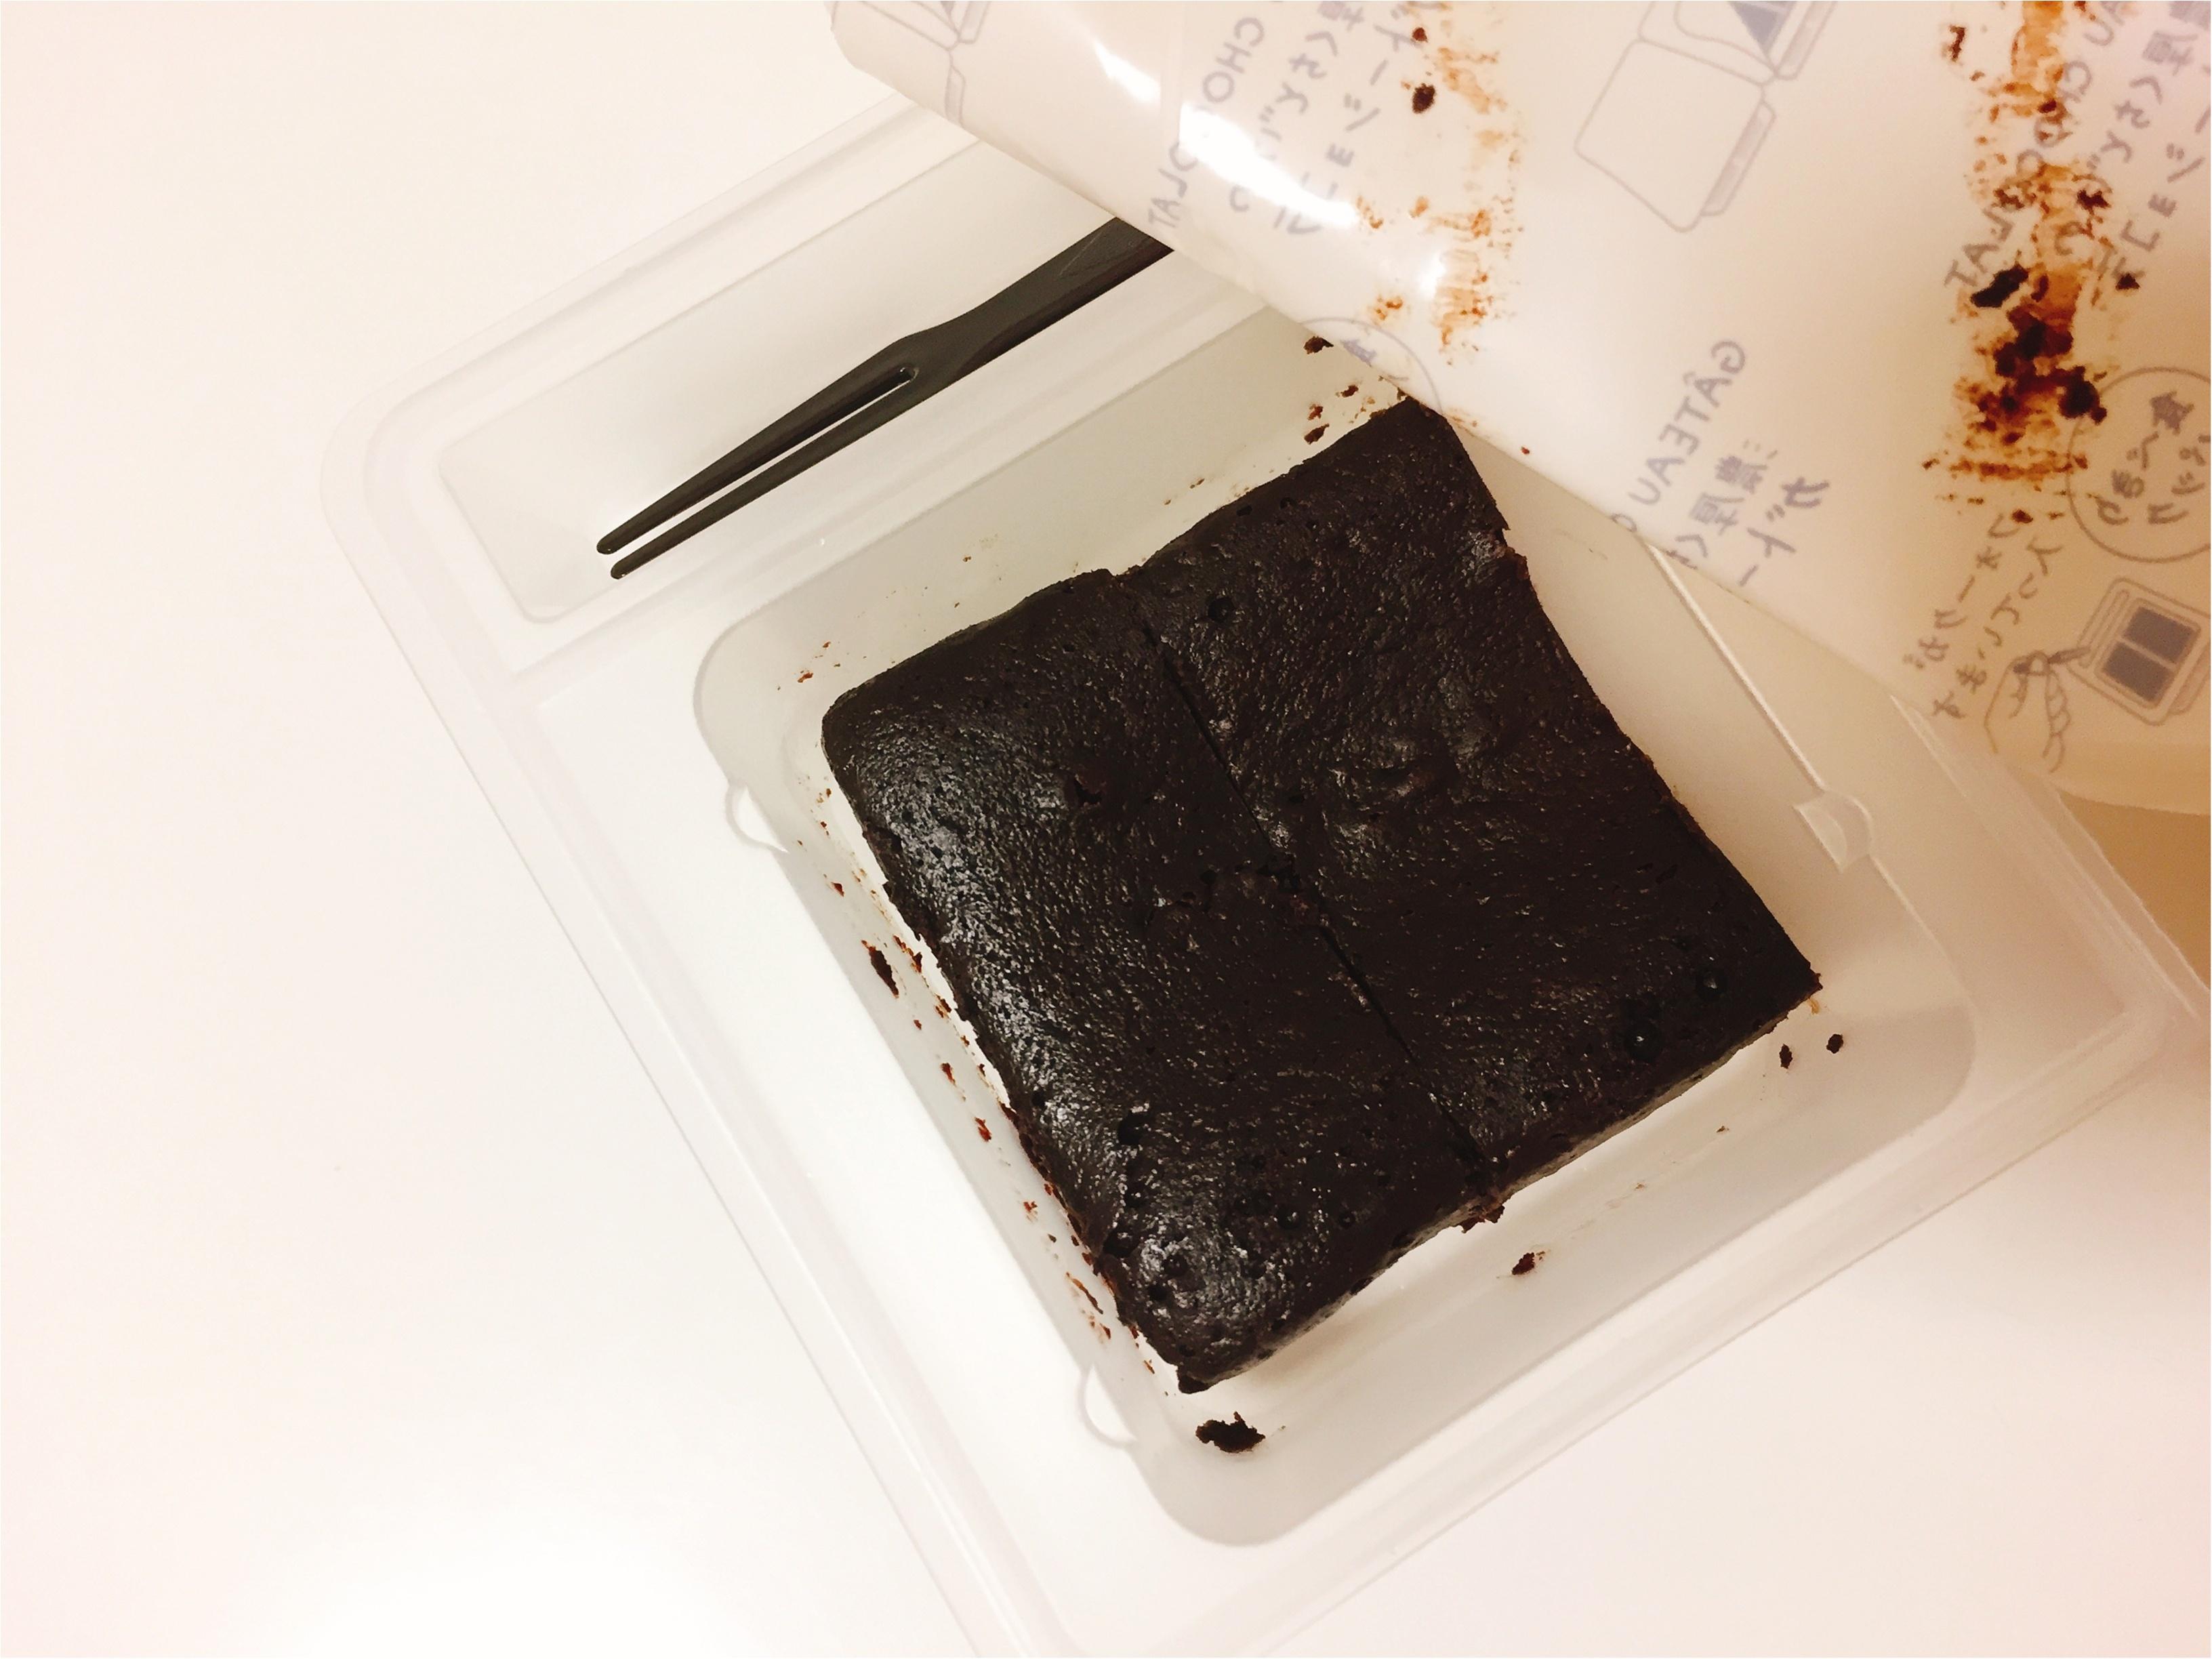 濃厚!ガトーショコラが【セブンイレブン】で買えちゃうって噂!!_4